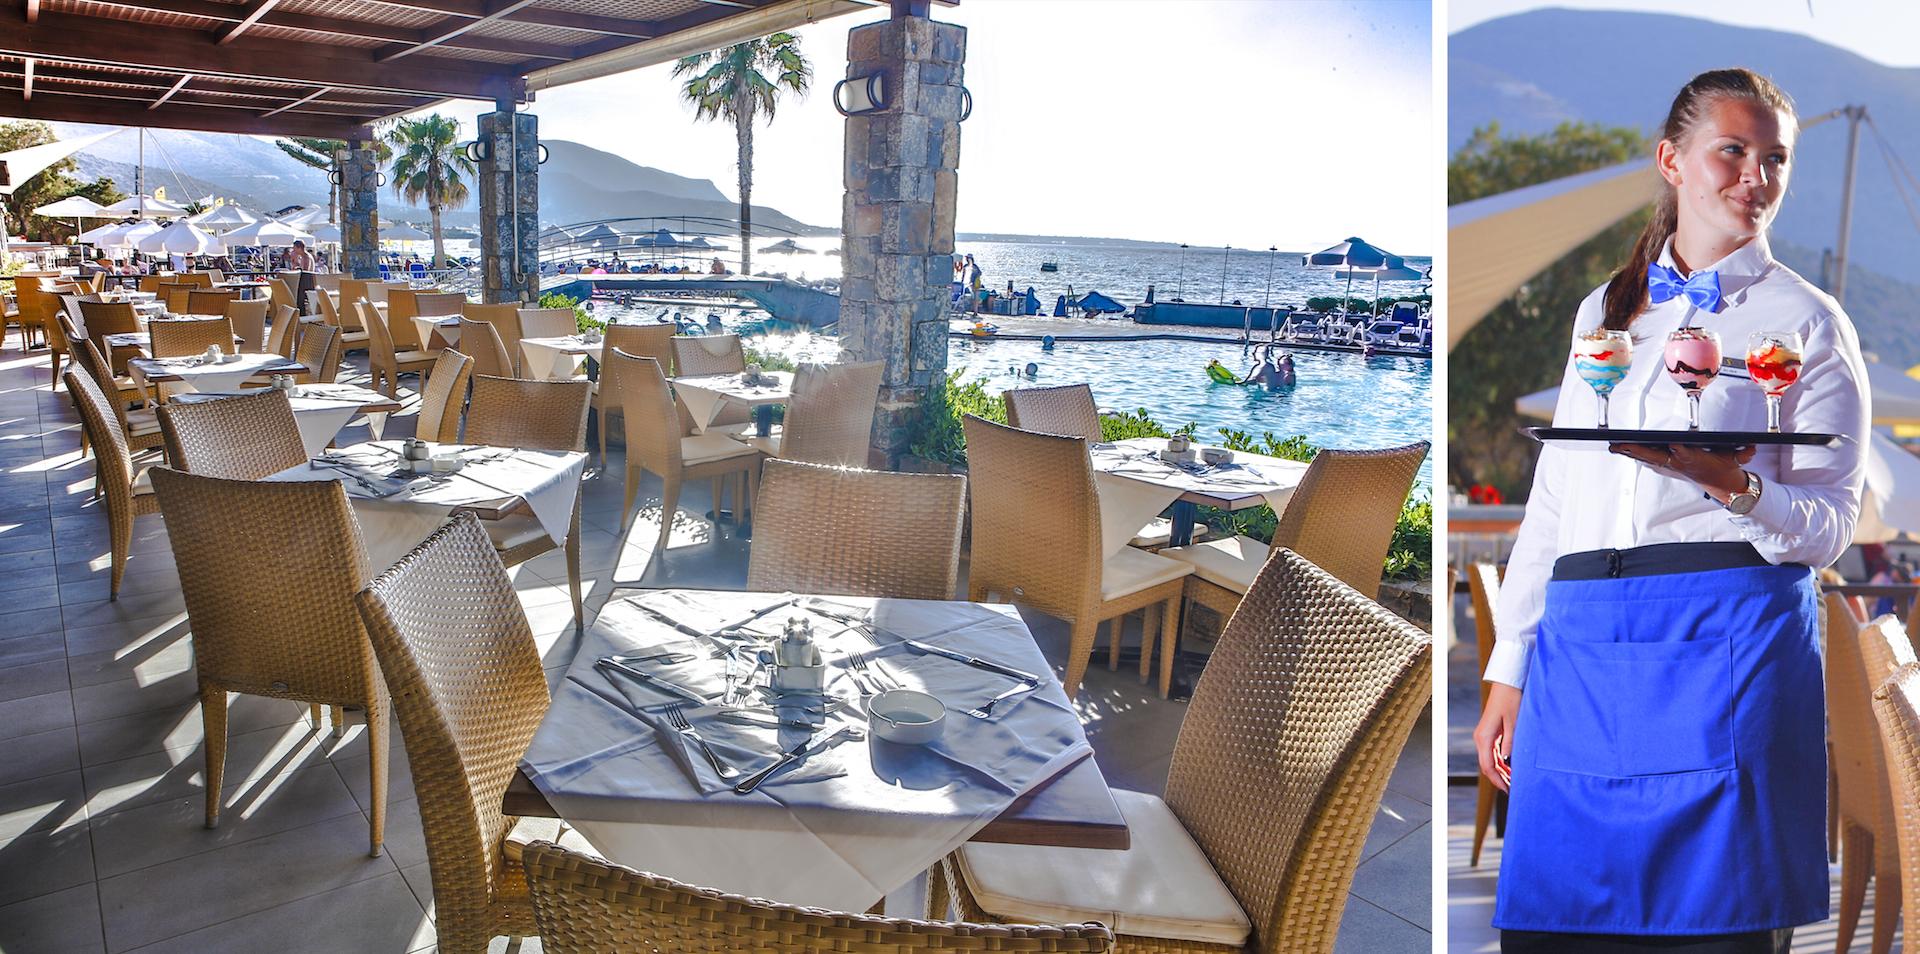 Hotel miramare high beach annex 4, о крит-ираклион, греция